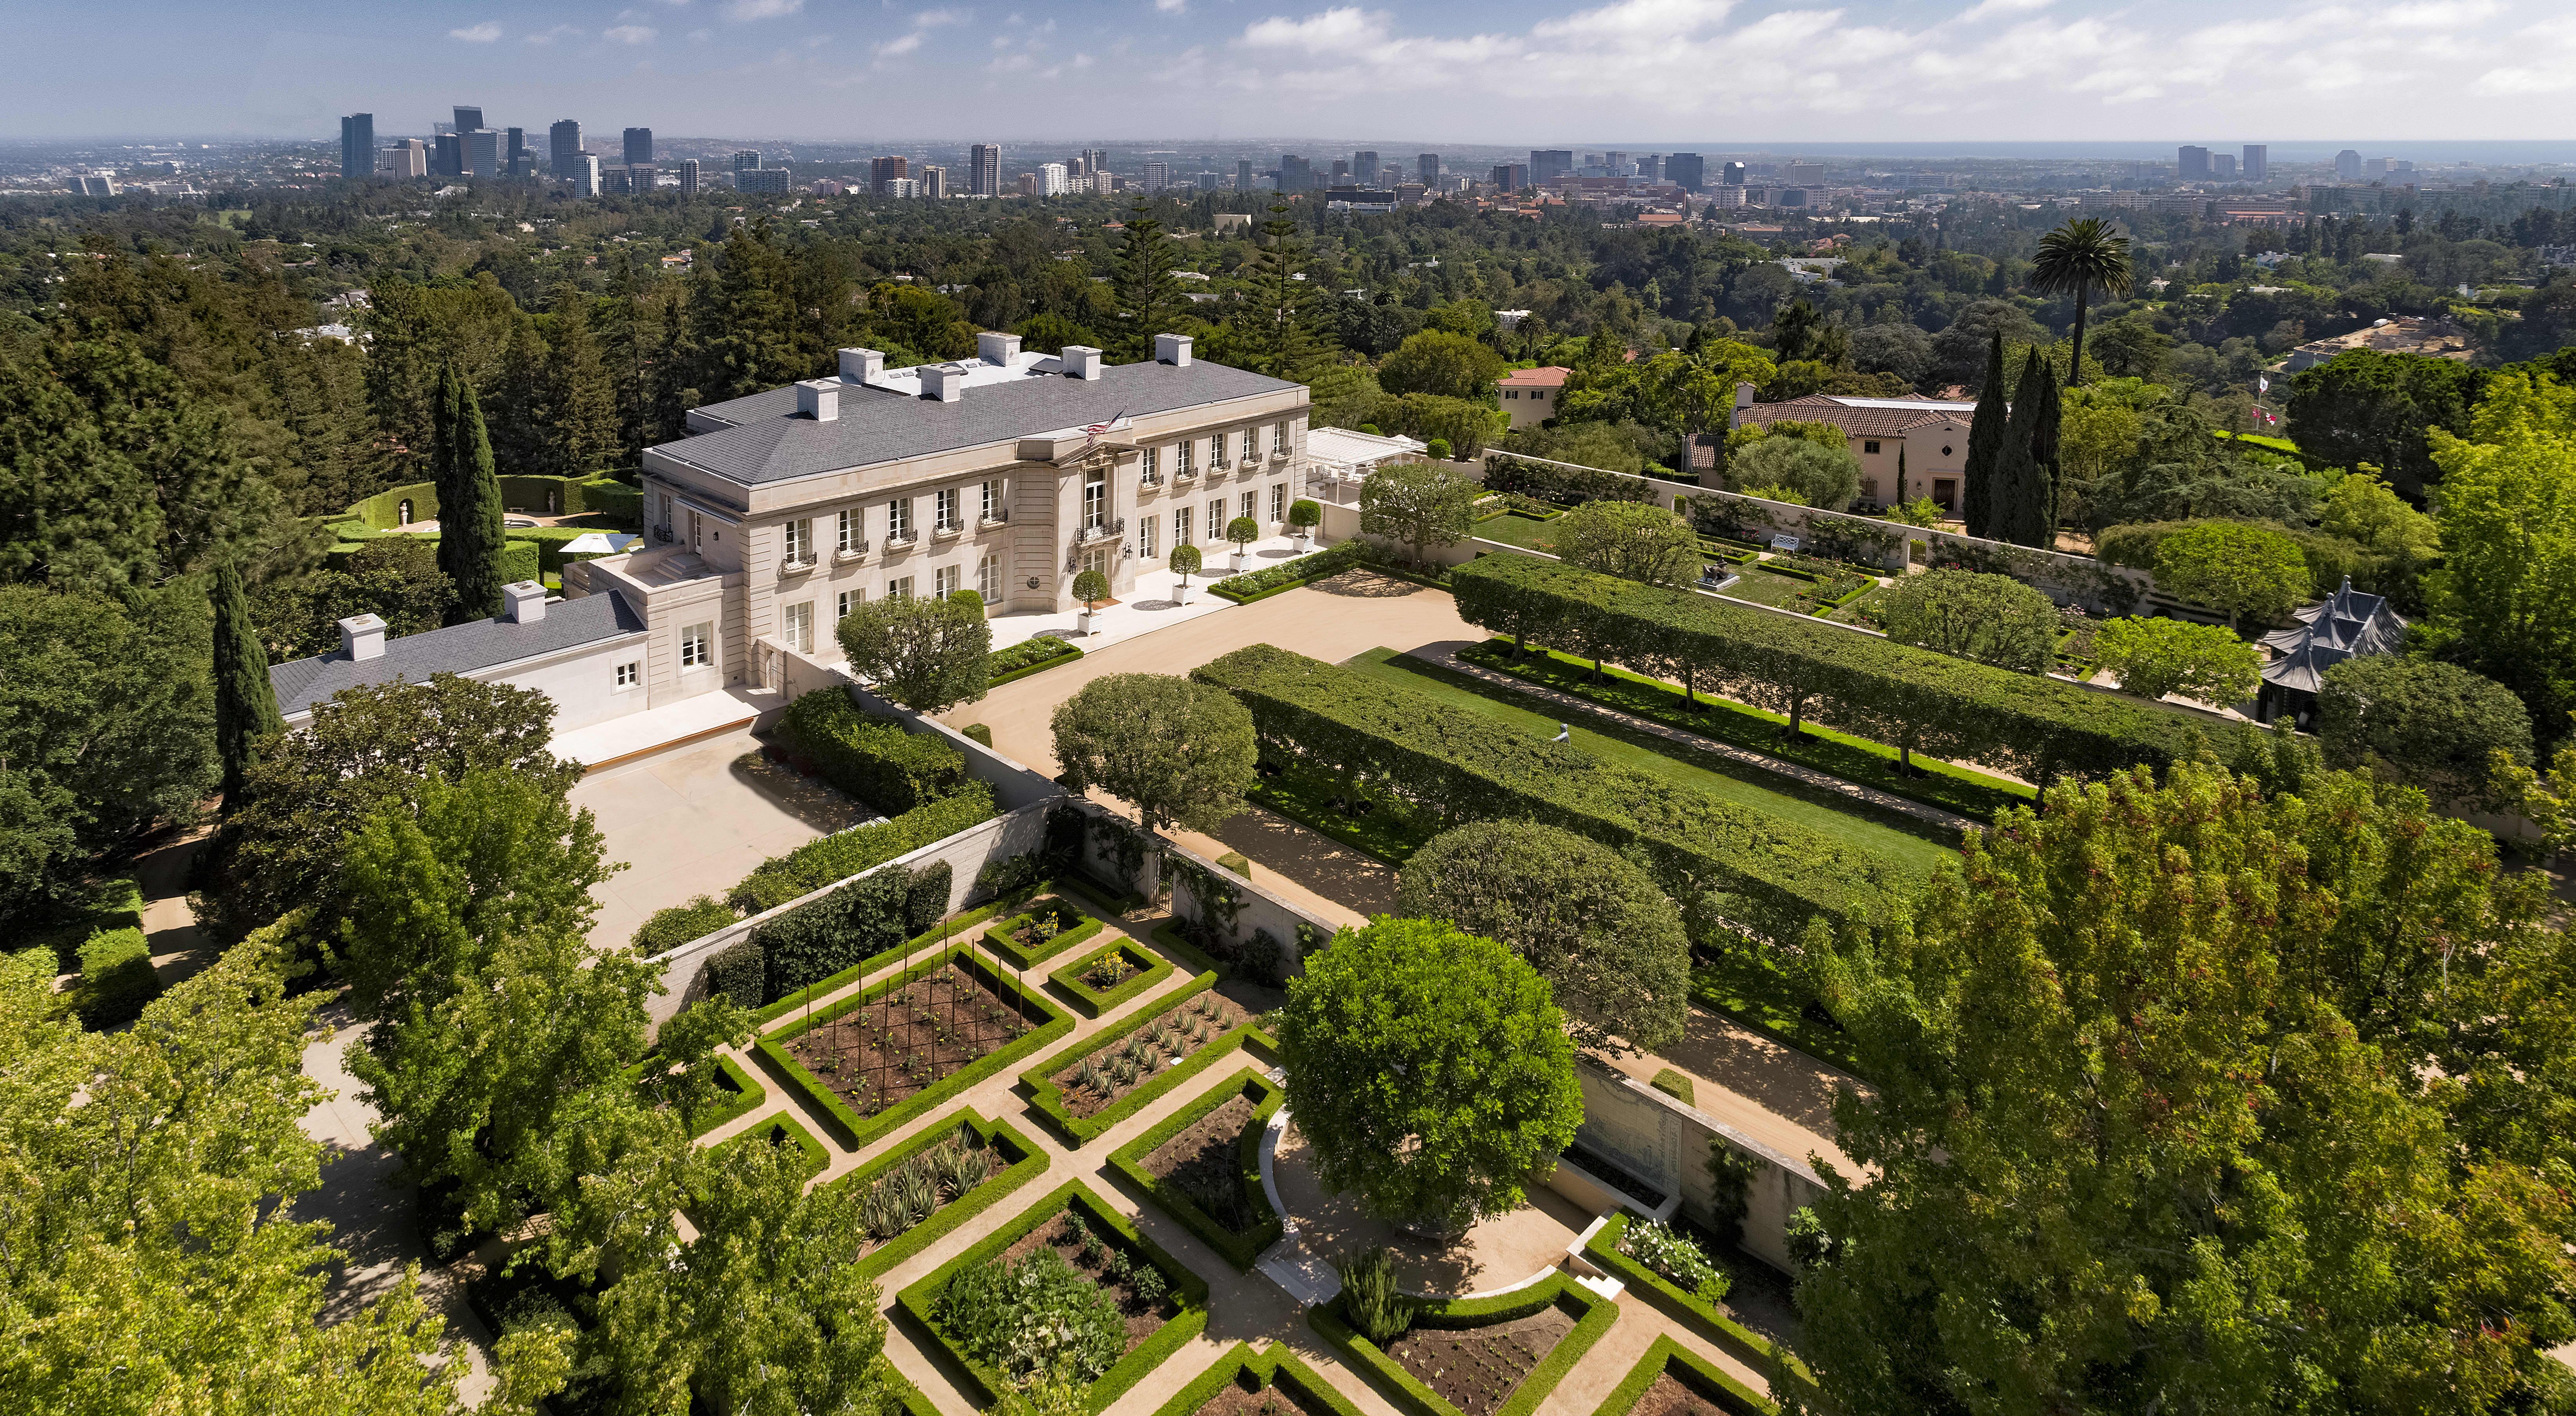 Take a look inside of Lachlan Murdoch's new $150 million LA mansion